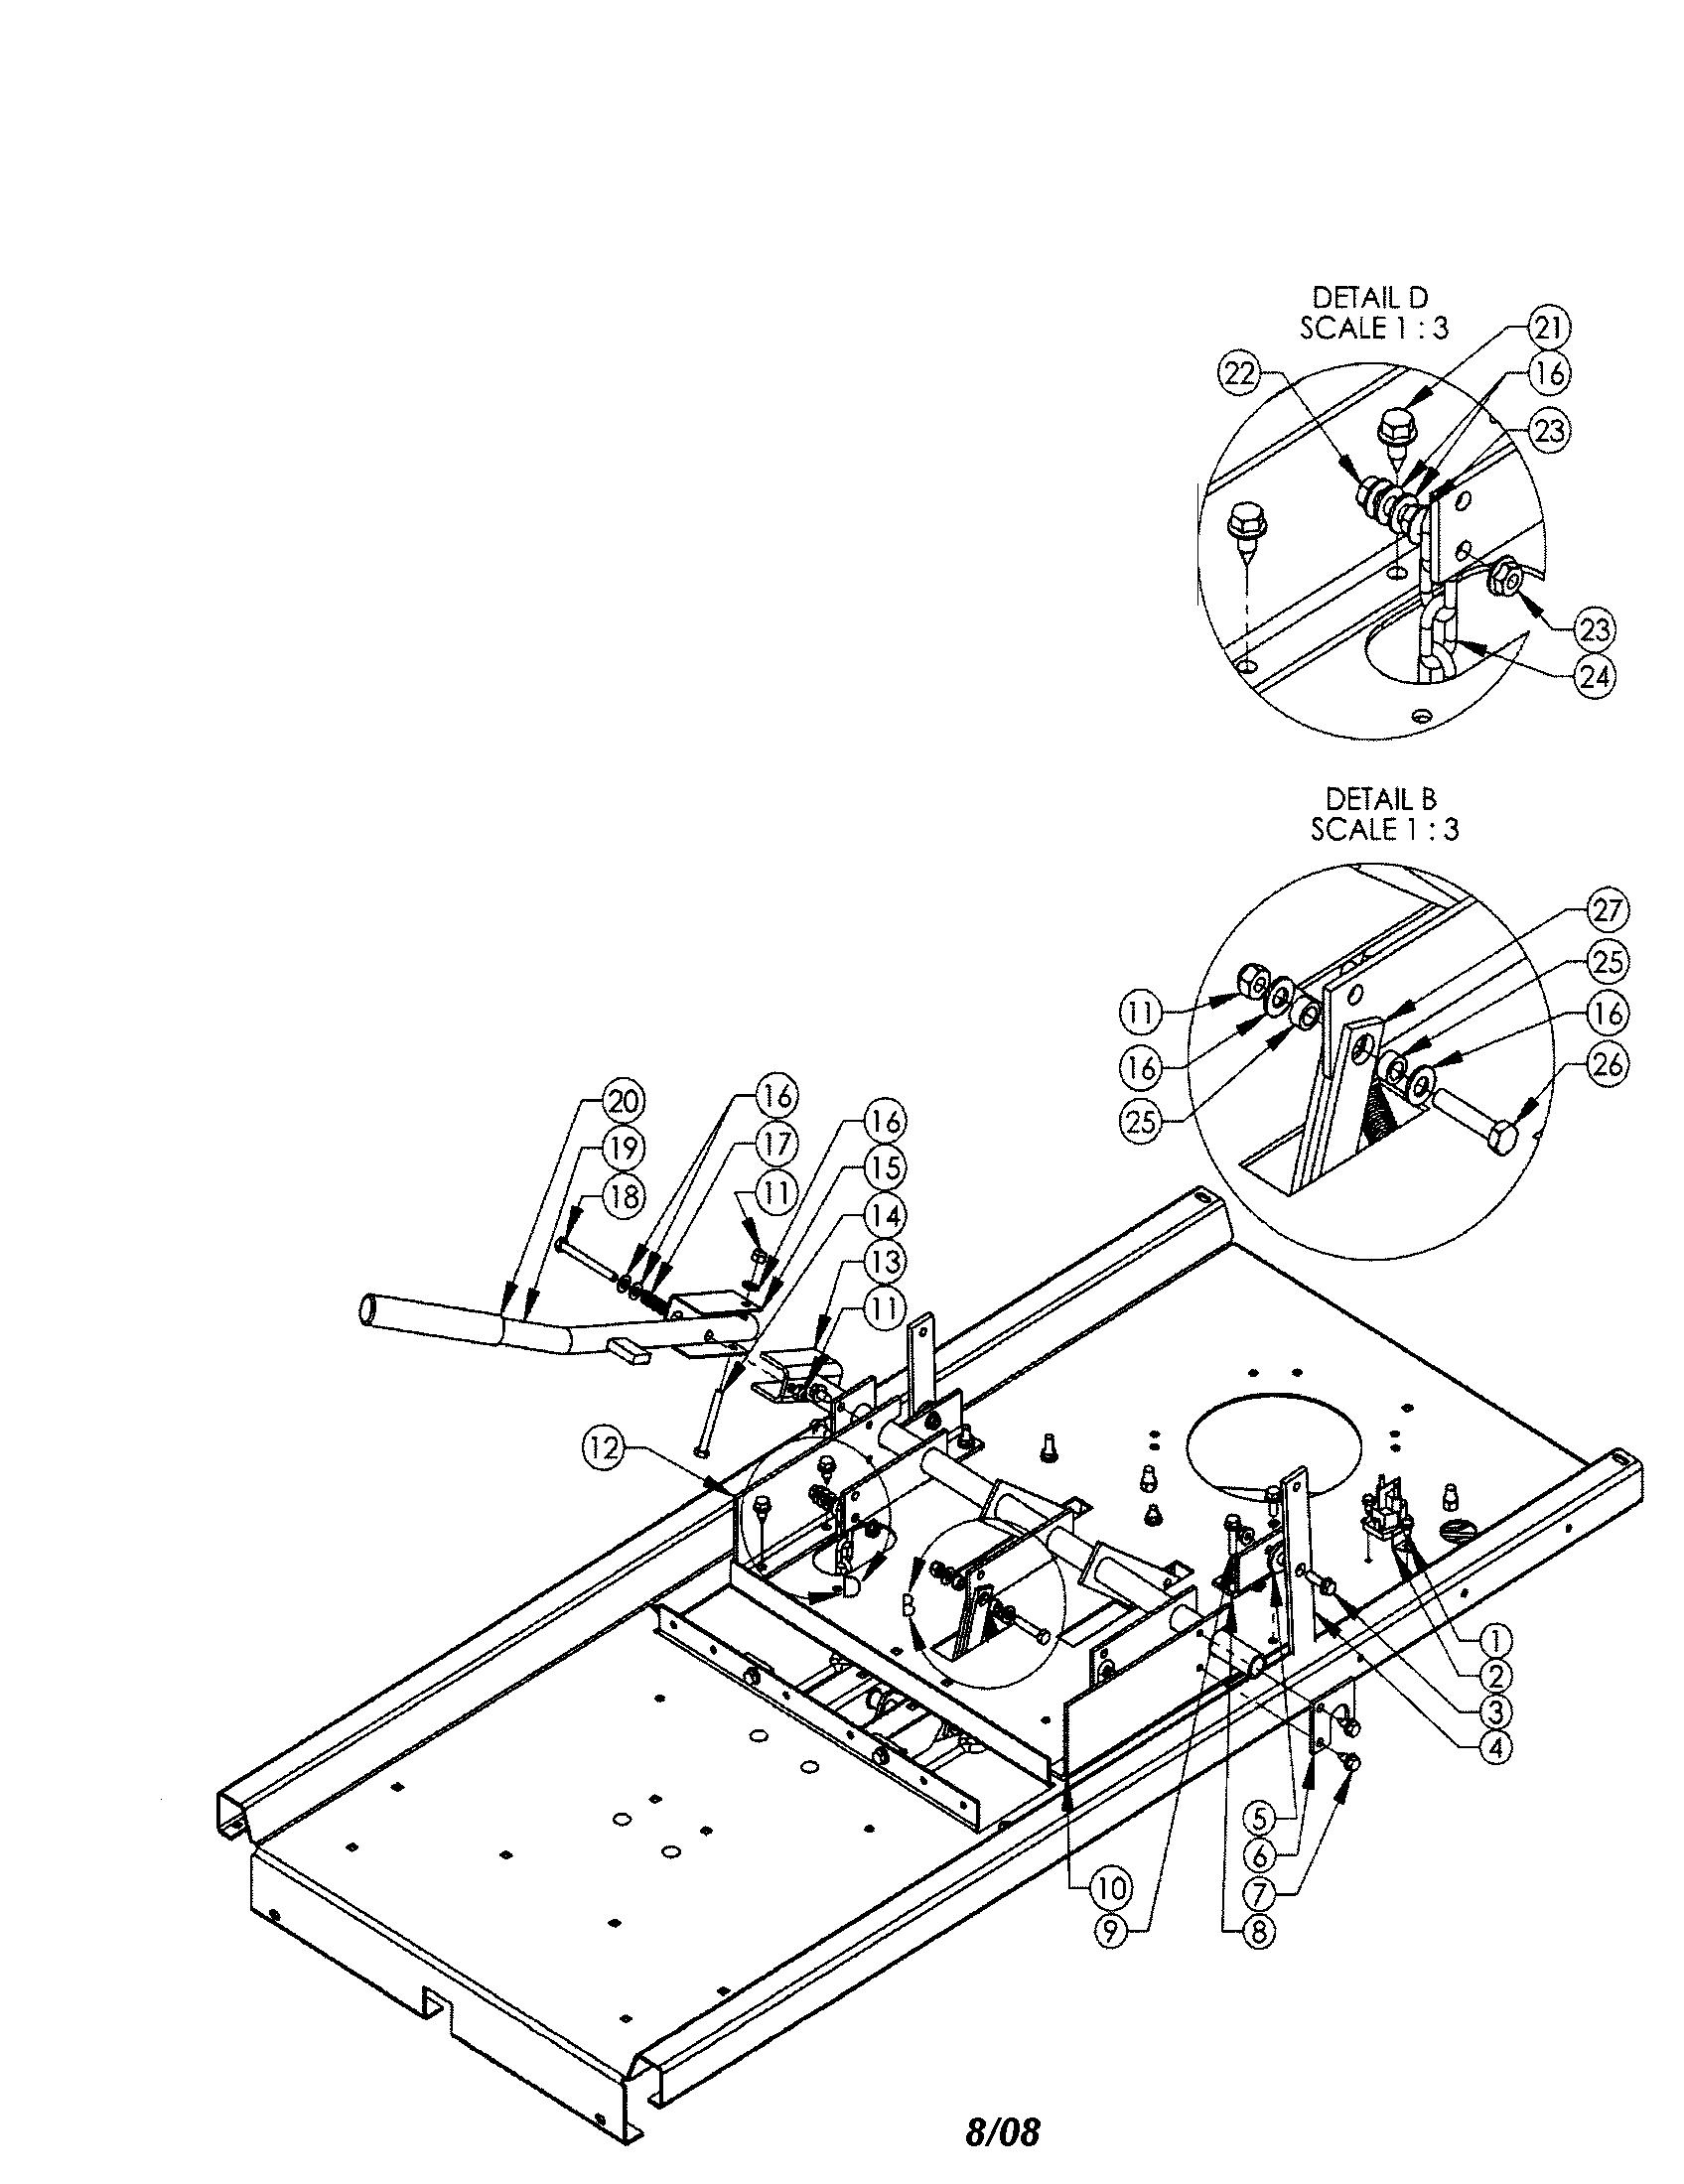 Swisher model ZT2766 lawn, riding mower rear engine